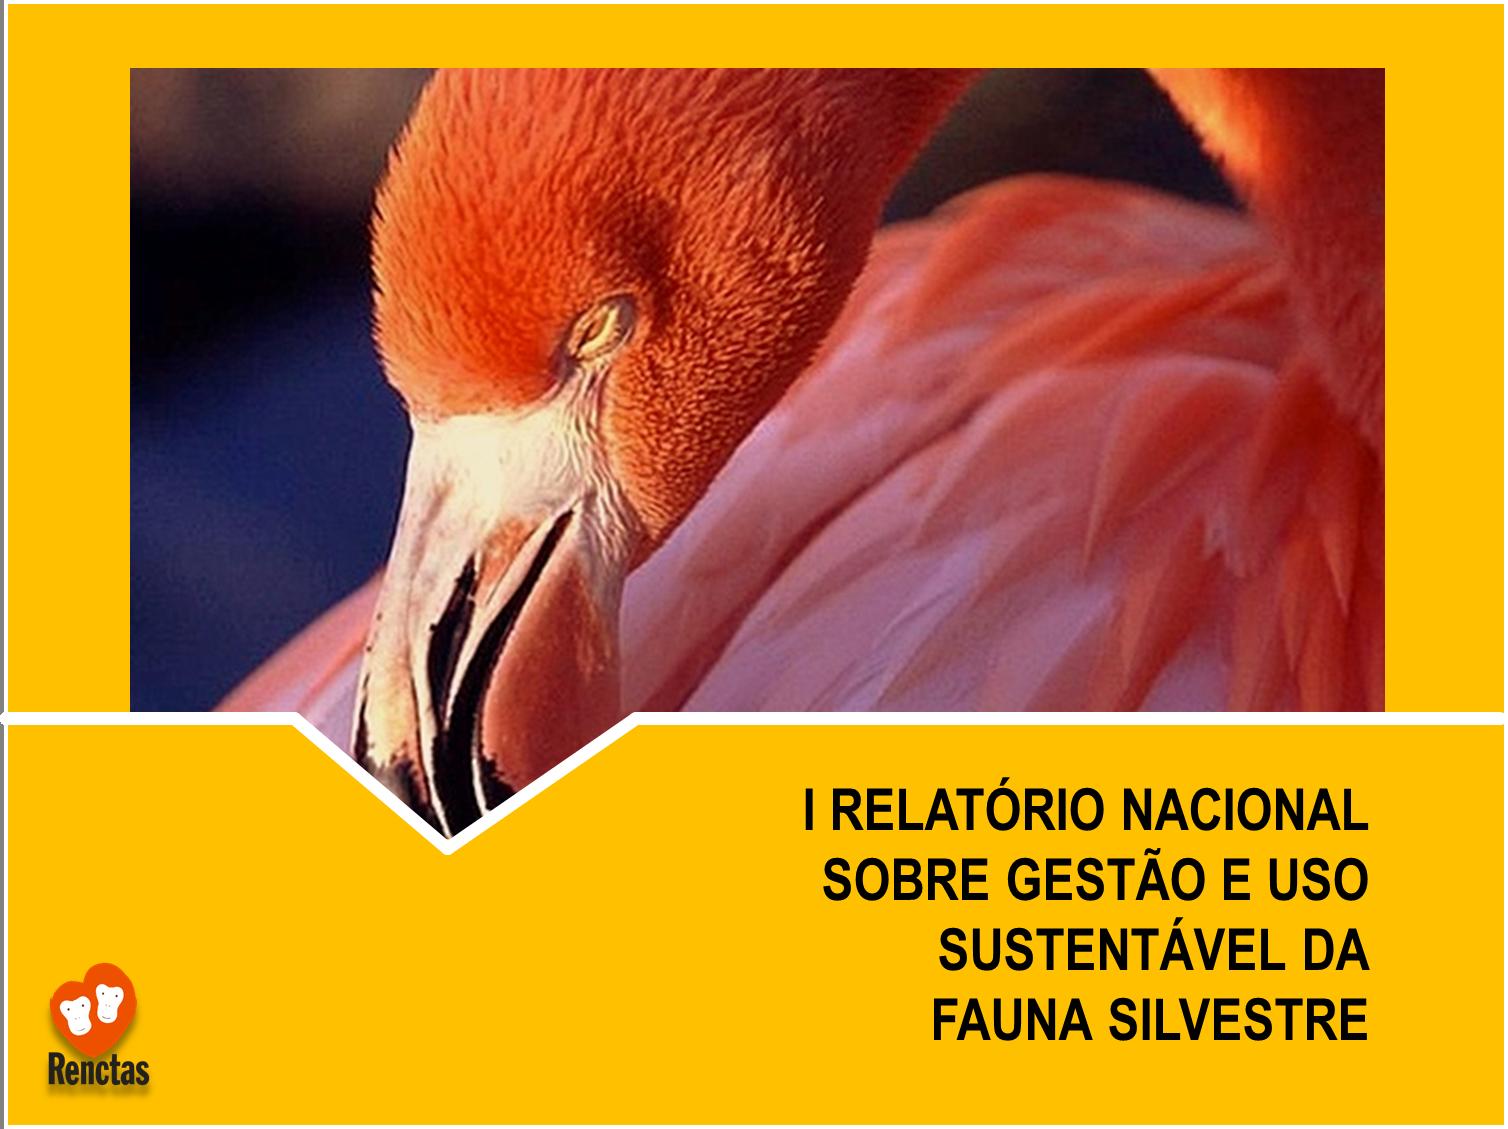 You are currently viewing I Relatório Sobre Gestão e Uso Sustentável da Fauna Silvestre